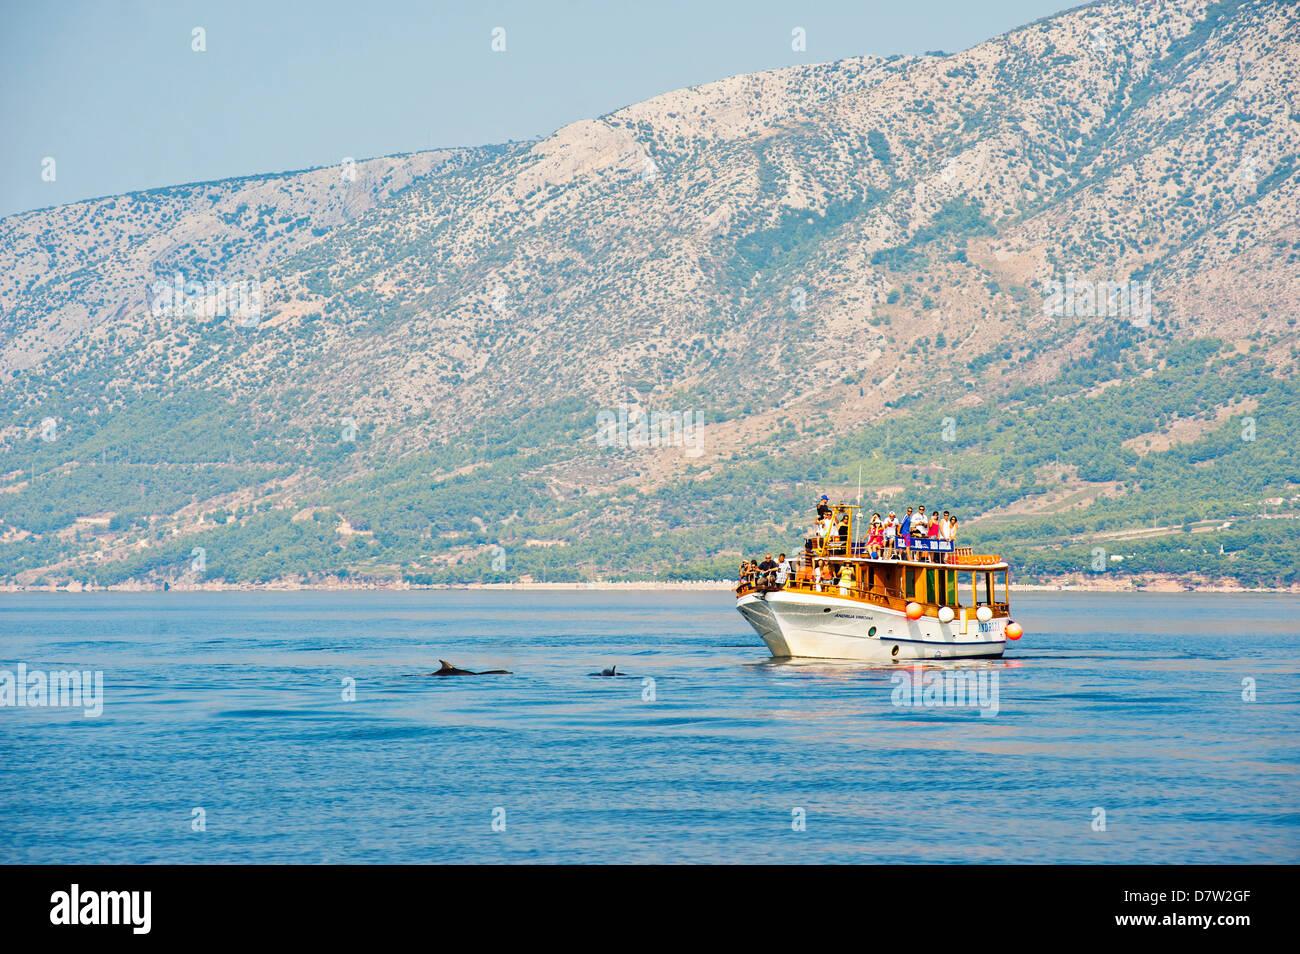 Viaje en barco para ver delfines fuera de la isla de Brac, la costa Dálmata, Adriático, Croacia Imagen De Stock